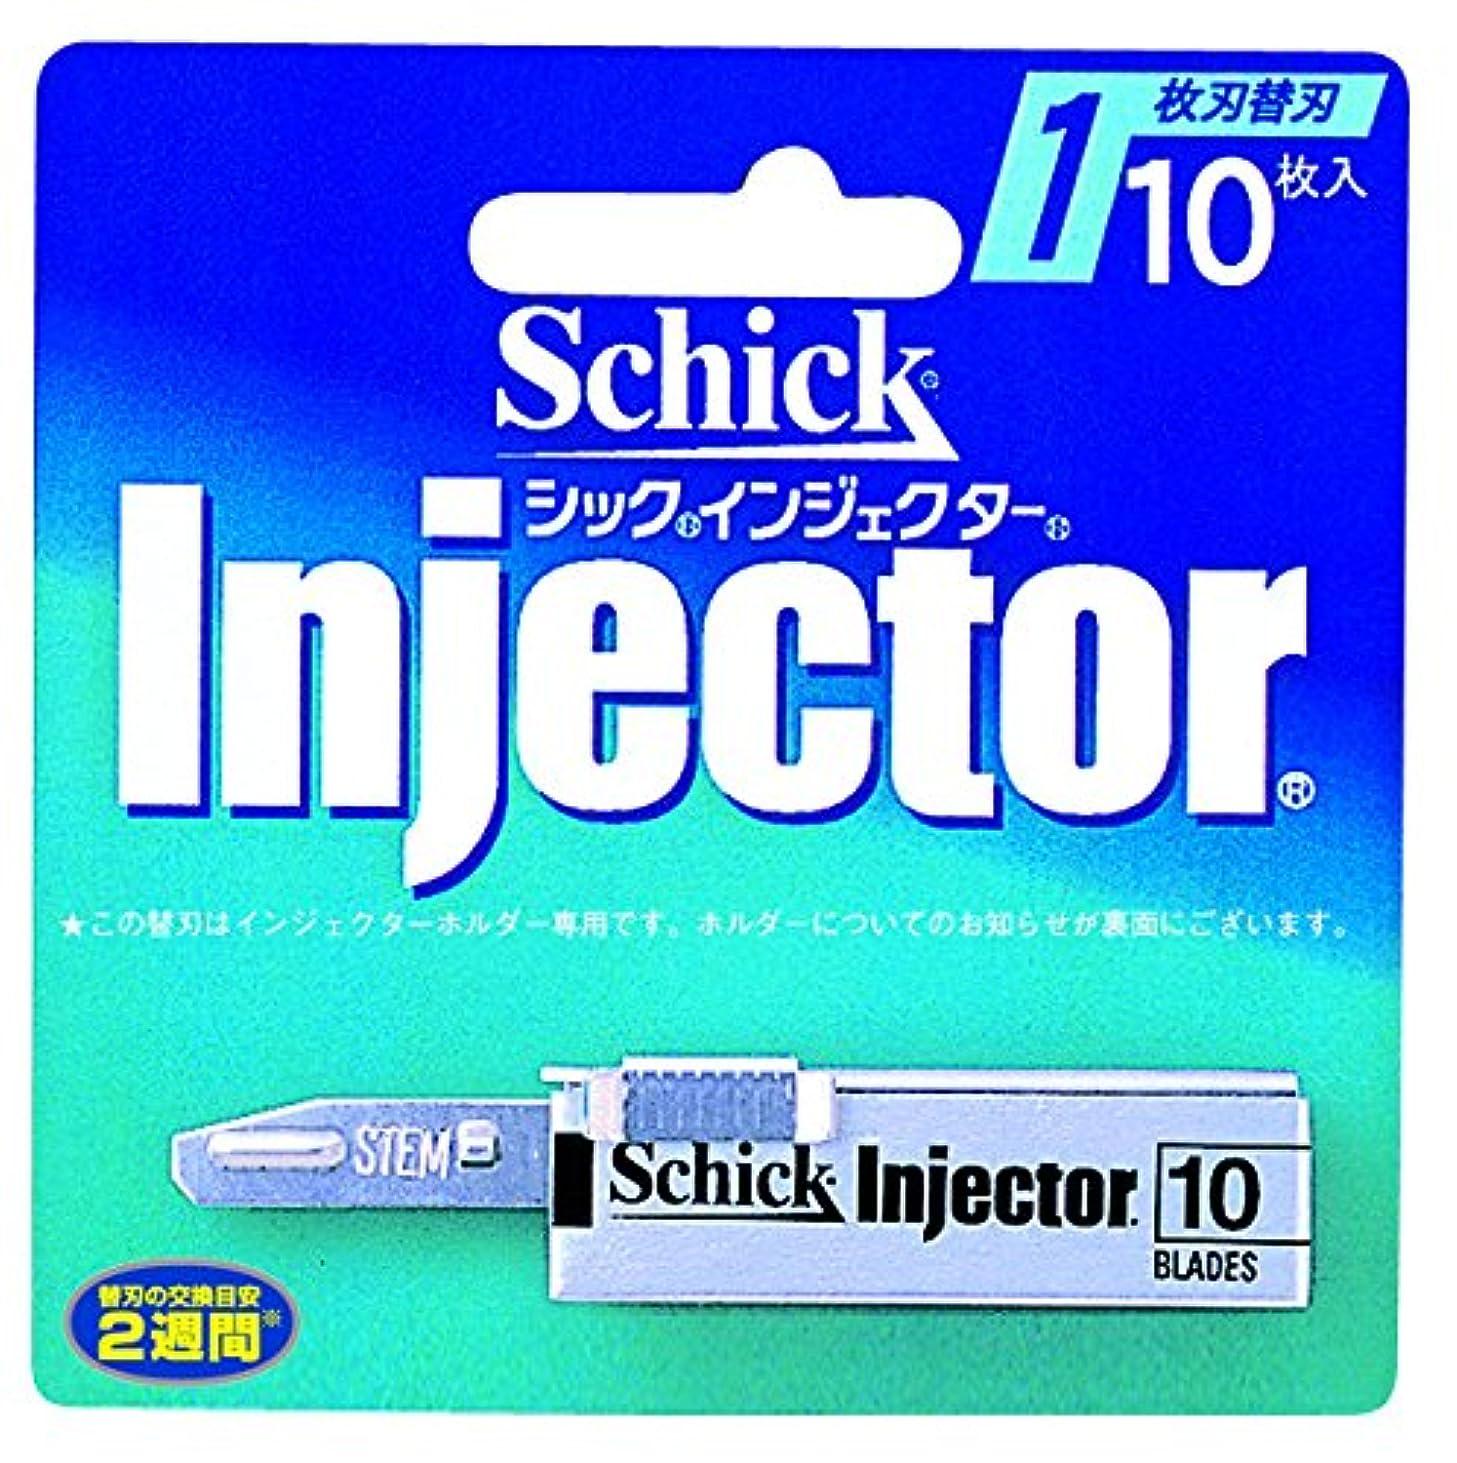 ミトン眉生き物シック インジェクター替刃(10枚入り)